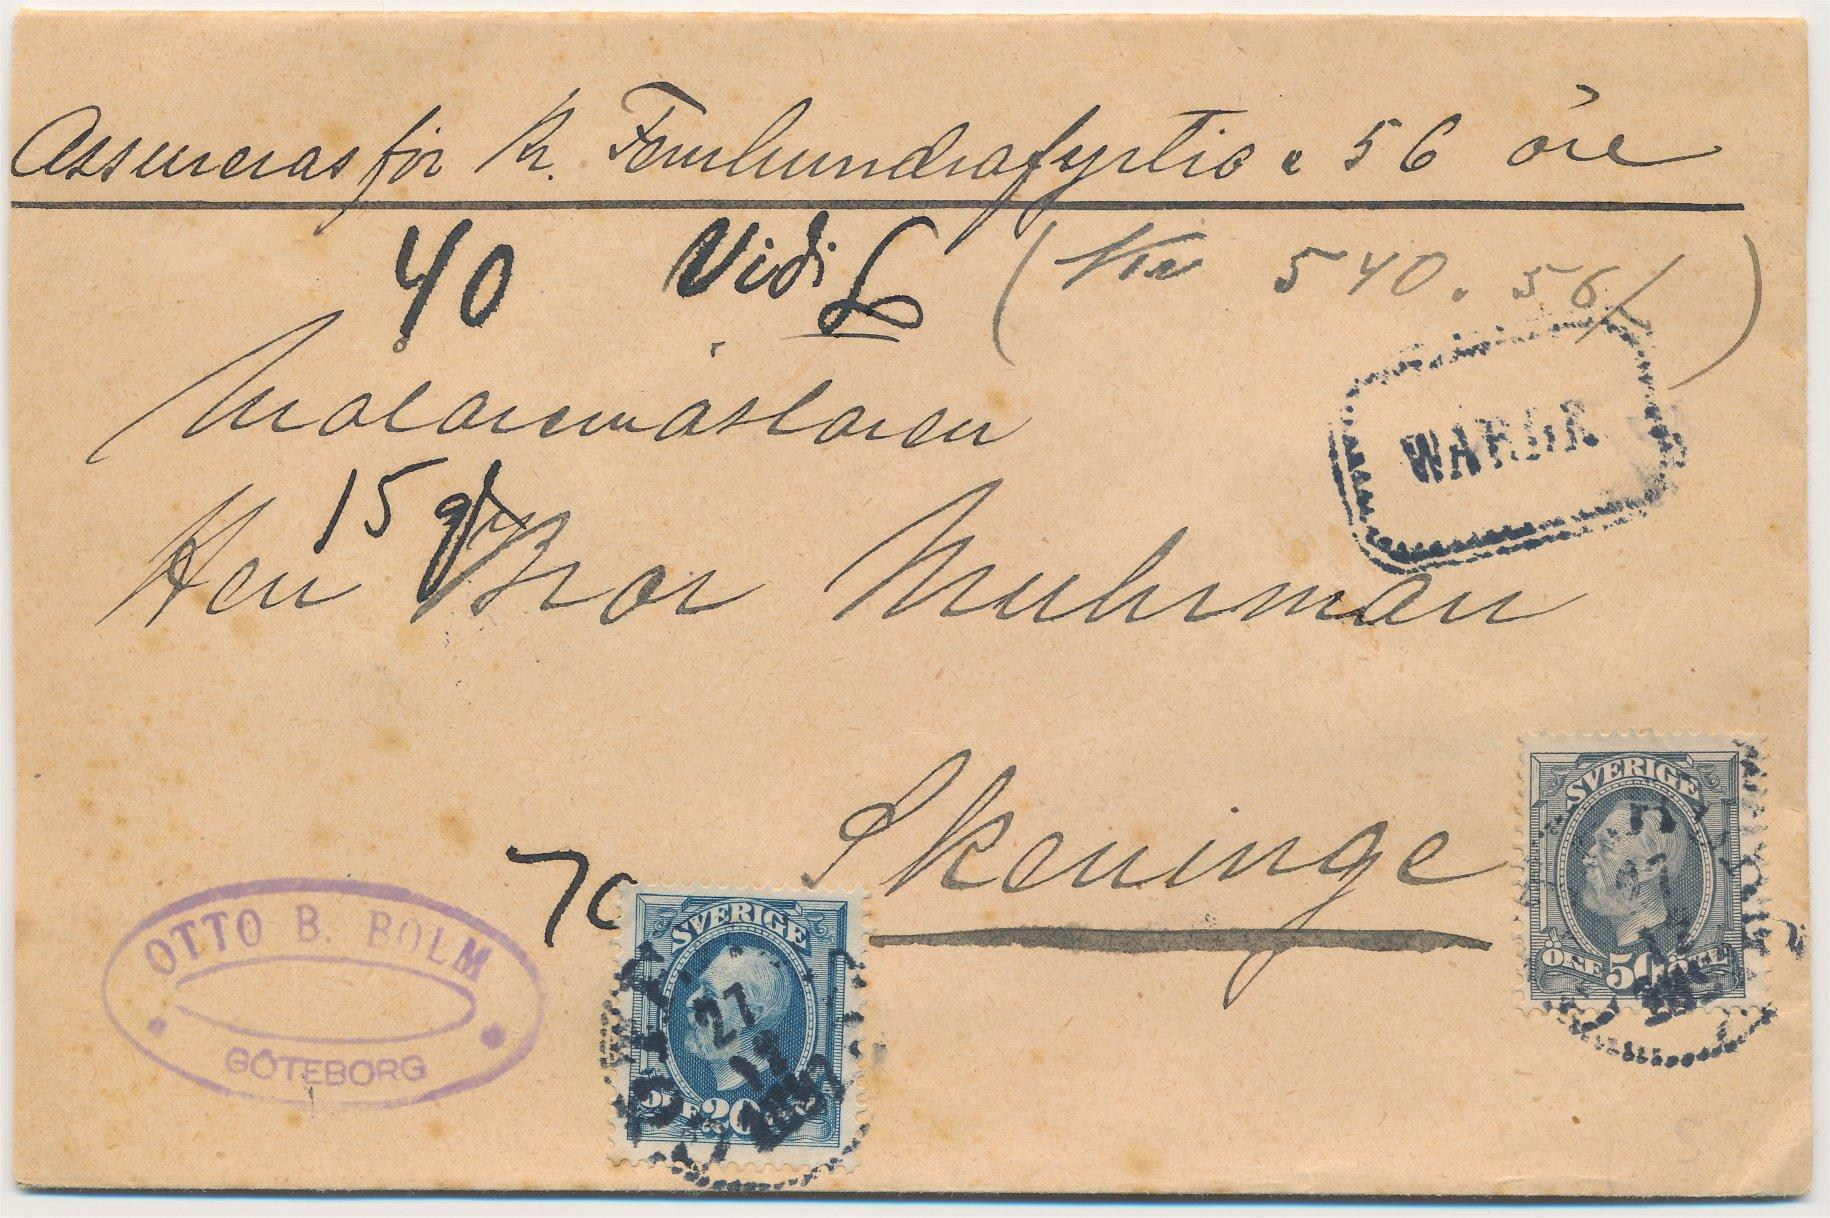 70_goteborg_27_12_1897